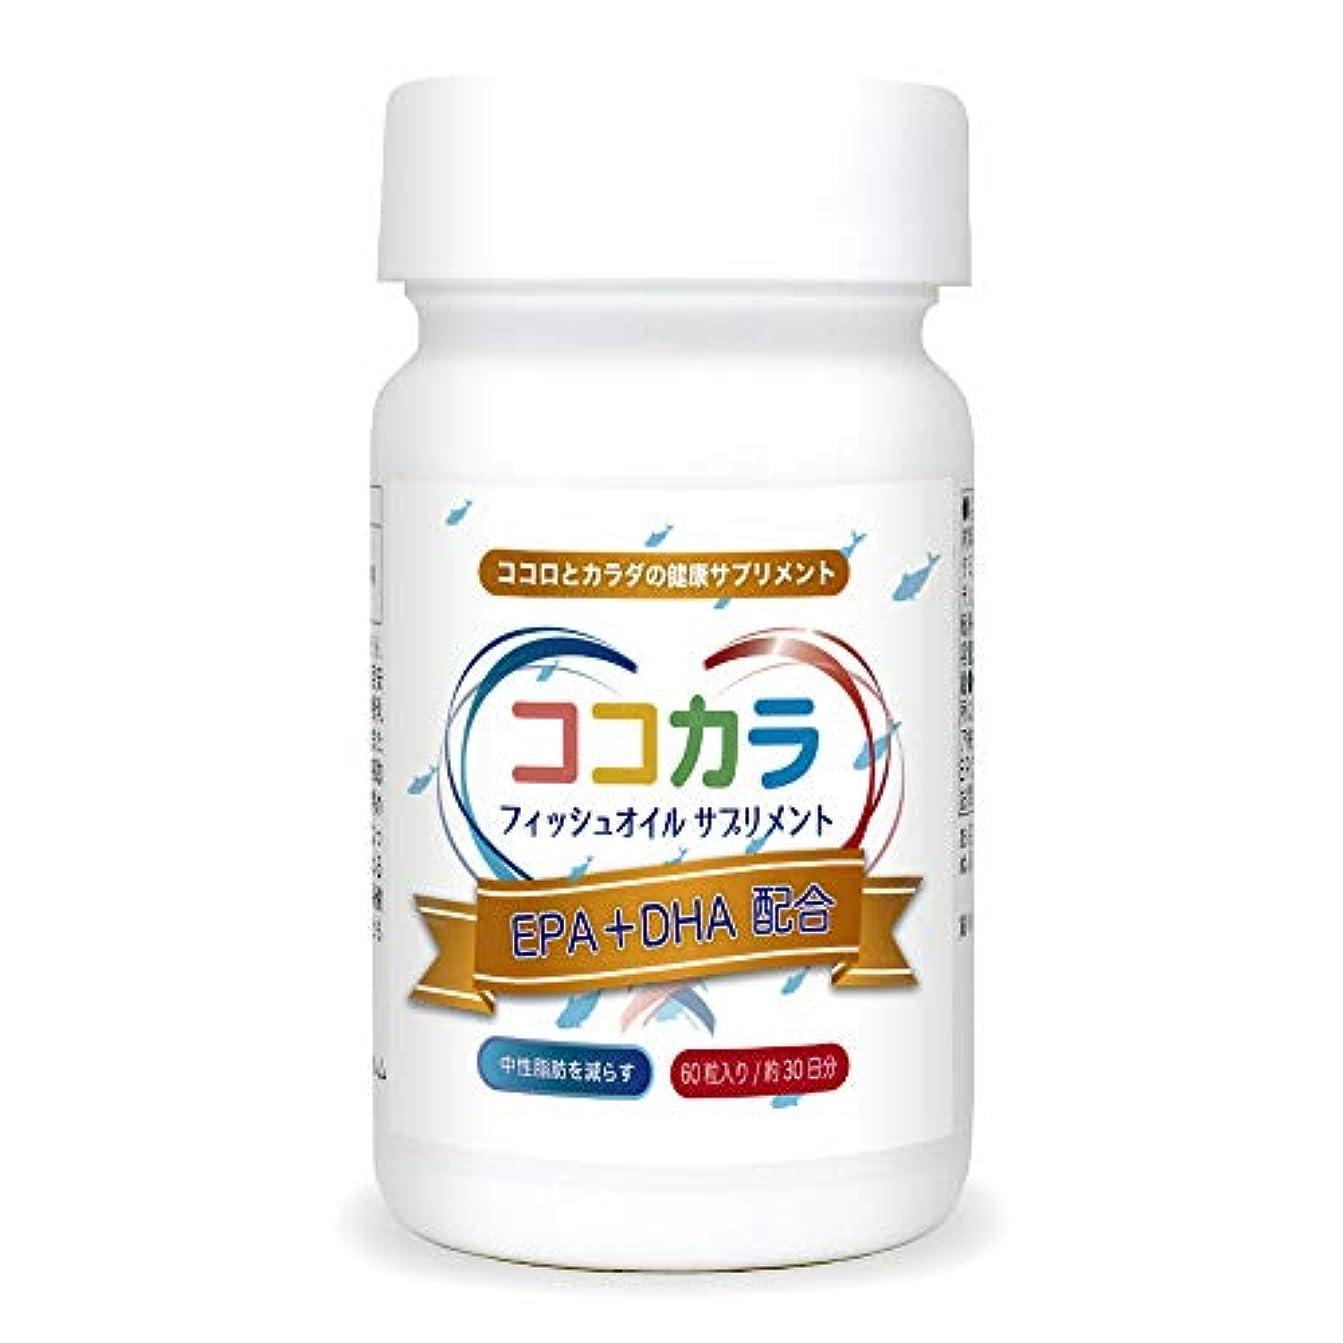 もっと少なく割る専門EPA&DHA配合 ココカラサプリ バイオメガ3 フィッシュオイル 中性脂肪対策(60カプセル1ヶ月分) (1)